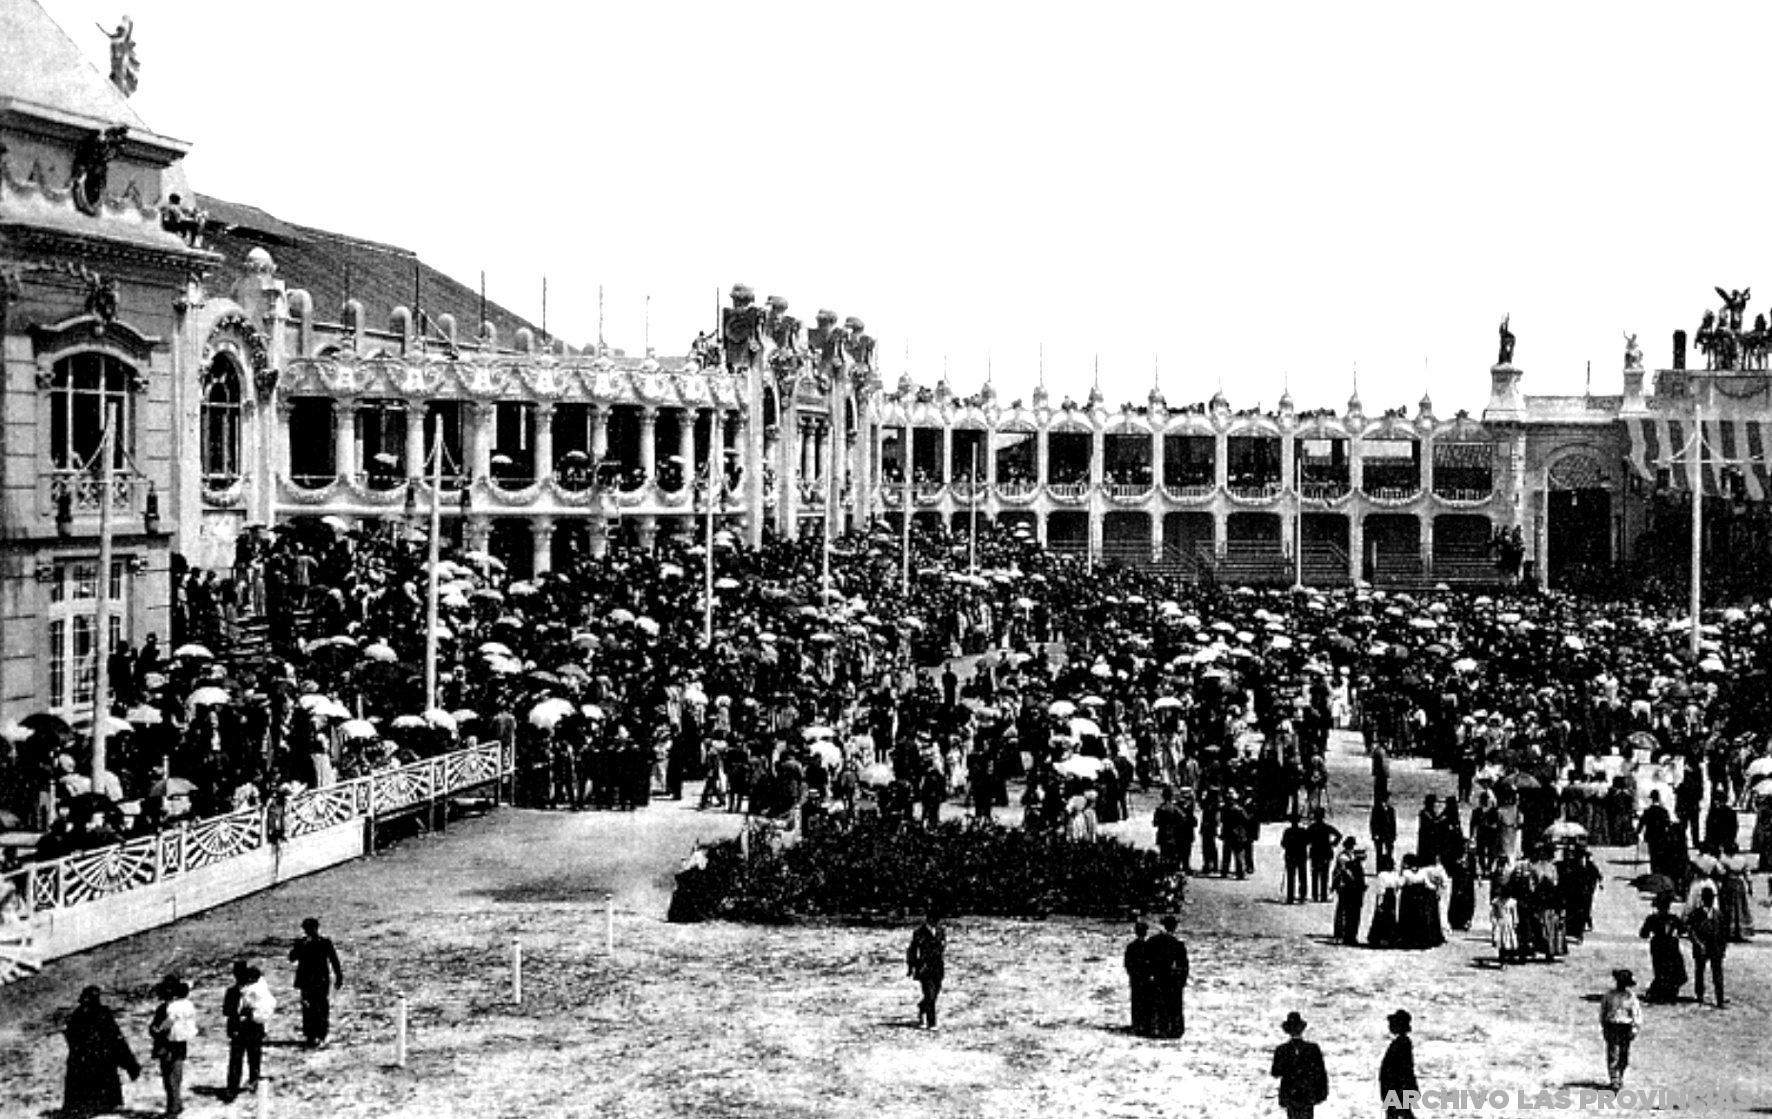 Día de la Inauguración, 22 de mayo de 1909. Fuente: Archivo digital de Las Provincias. http://valenpedia.lasprovincias.es/historia-valencia/1909/alfonso_xii_inaugura_la_exposicion